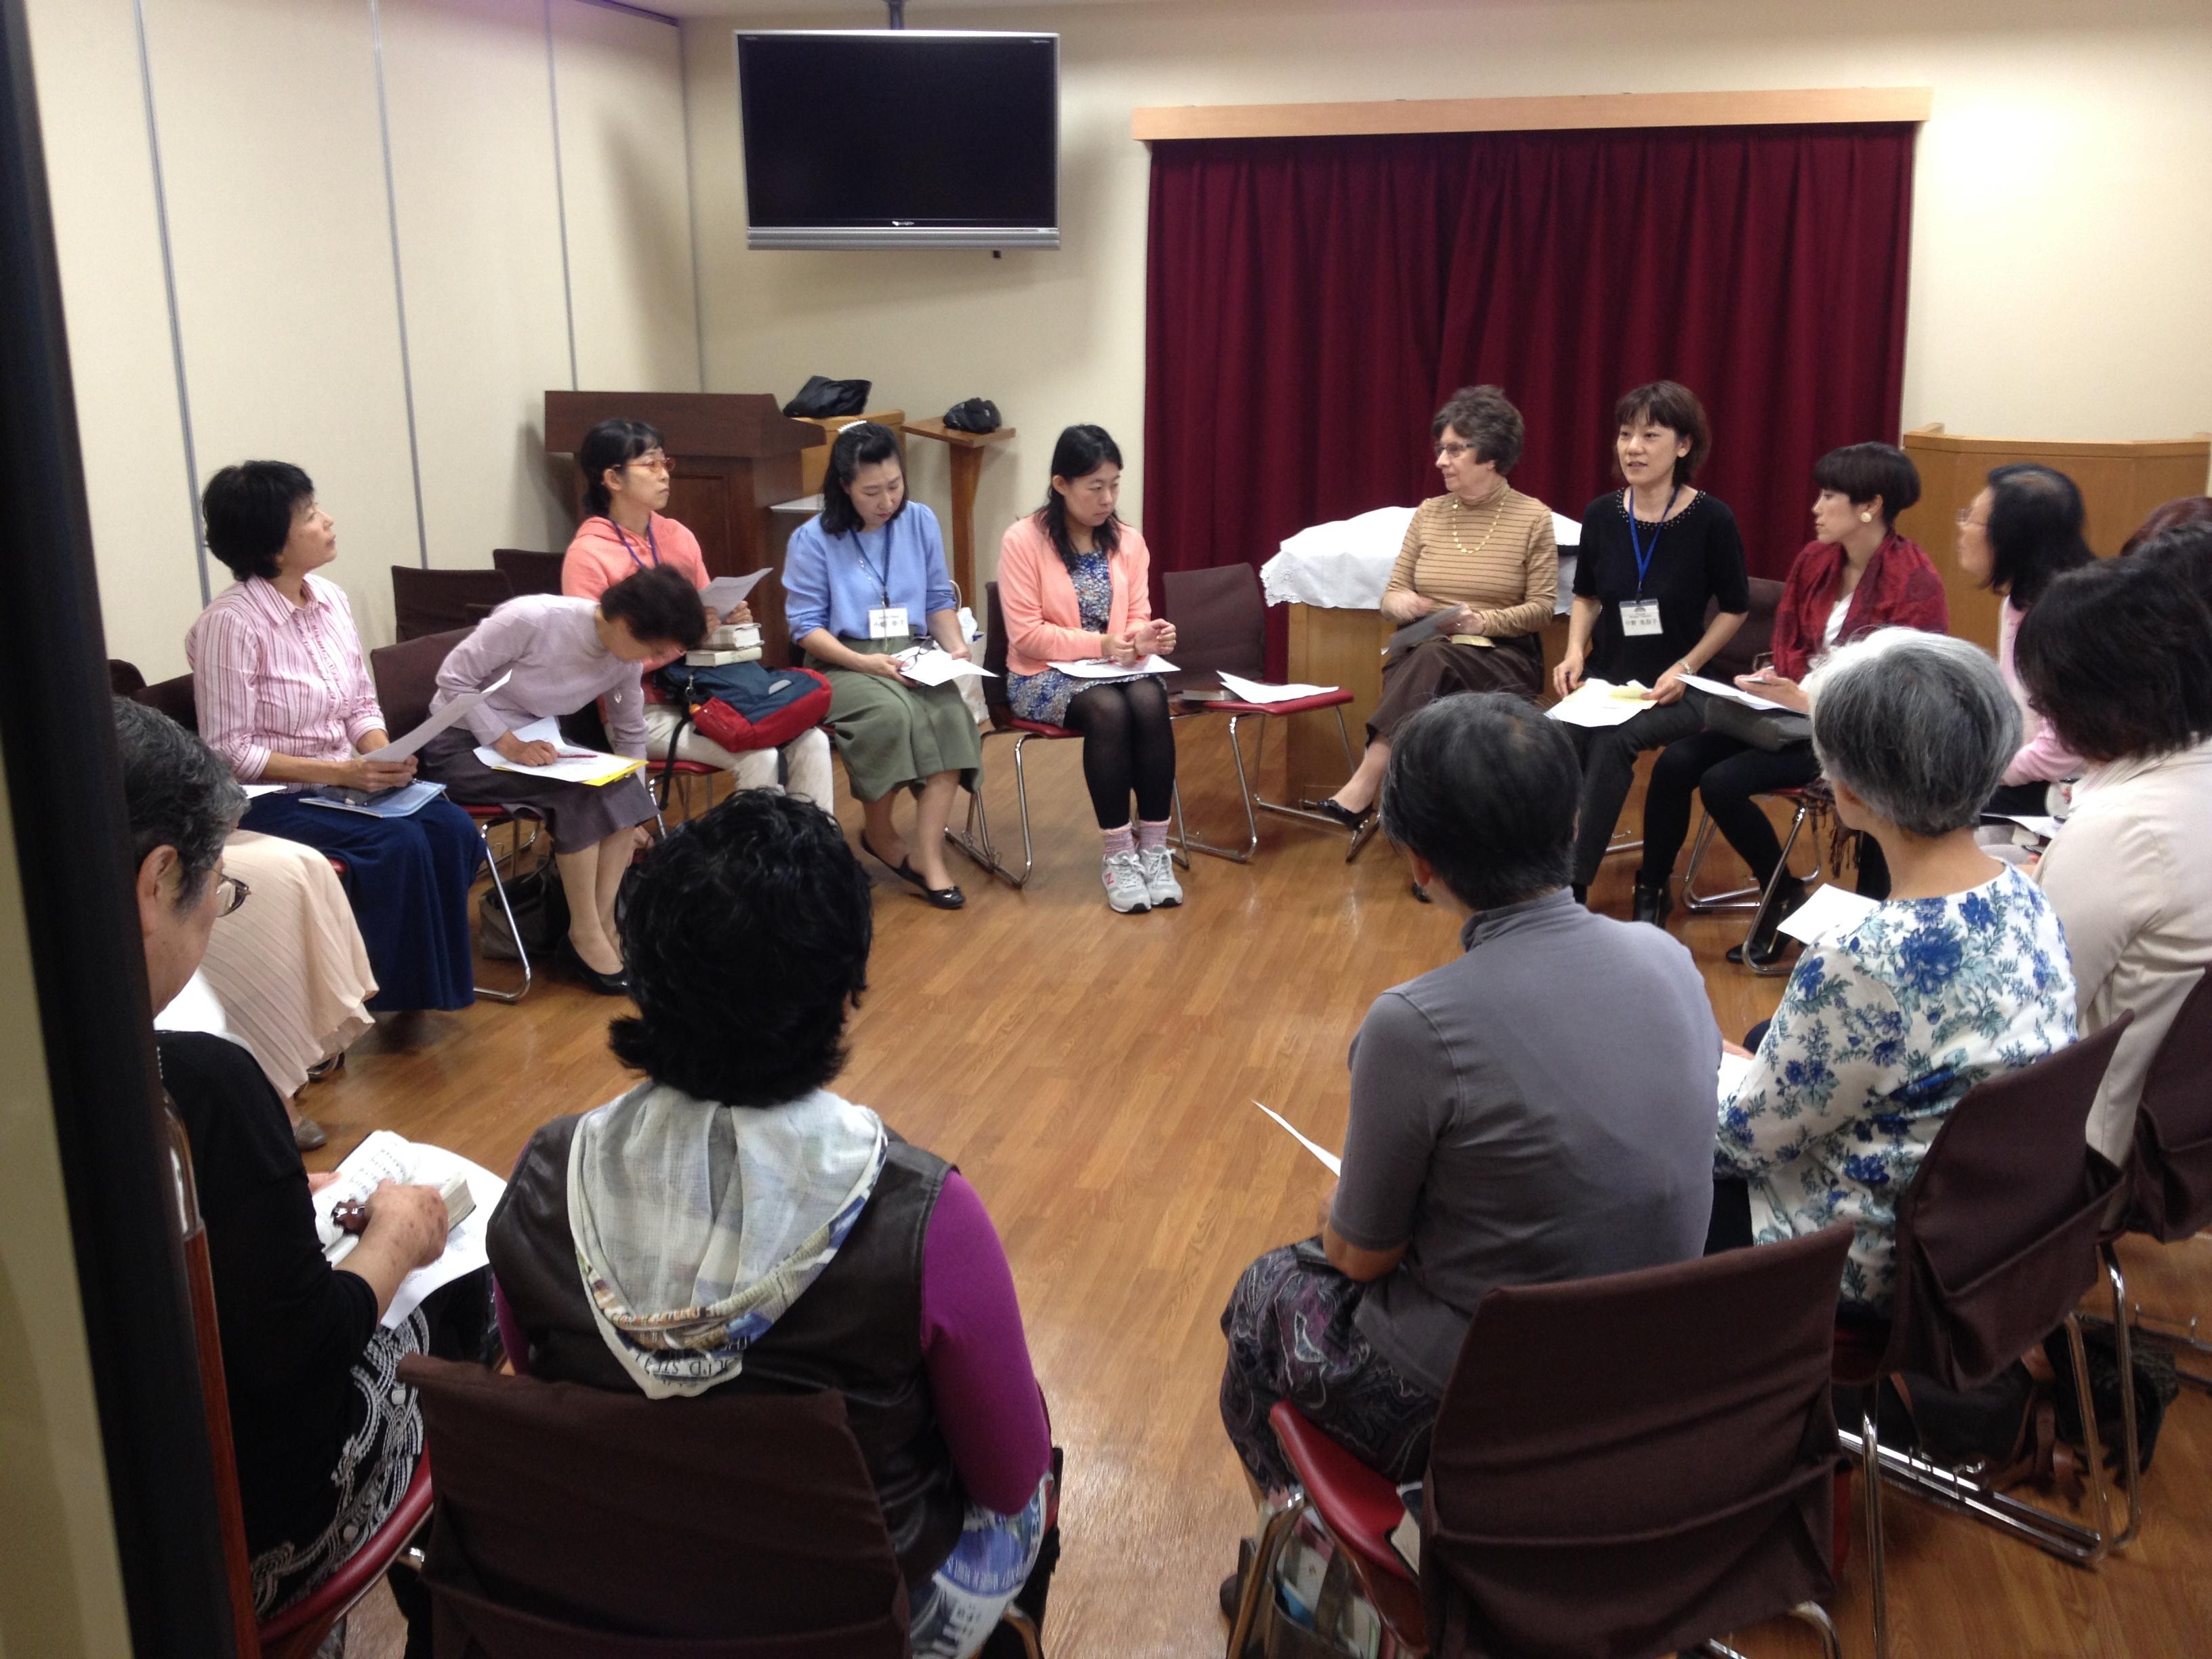 Josephine Class at Ochanomizu